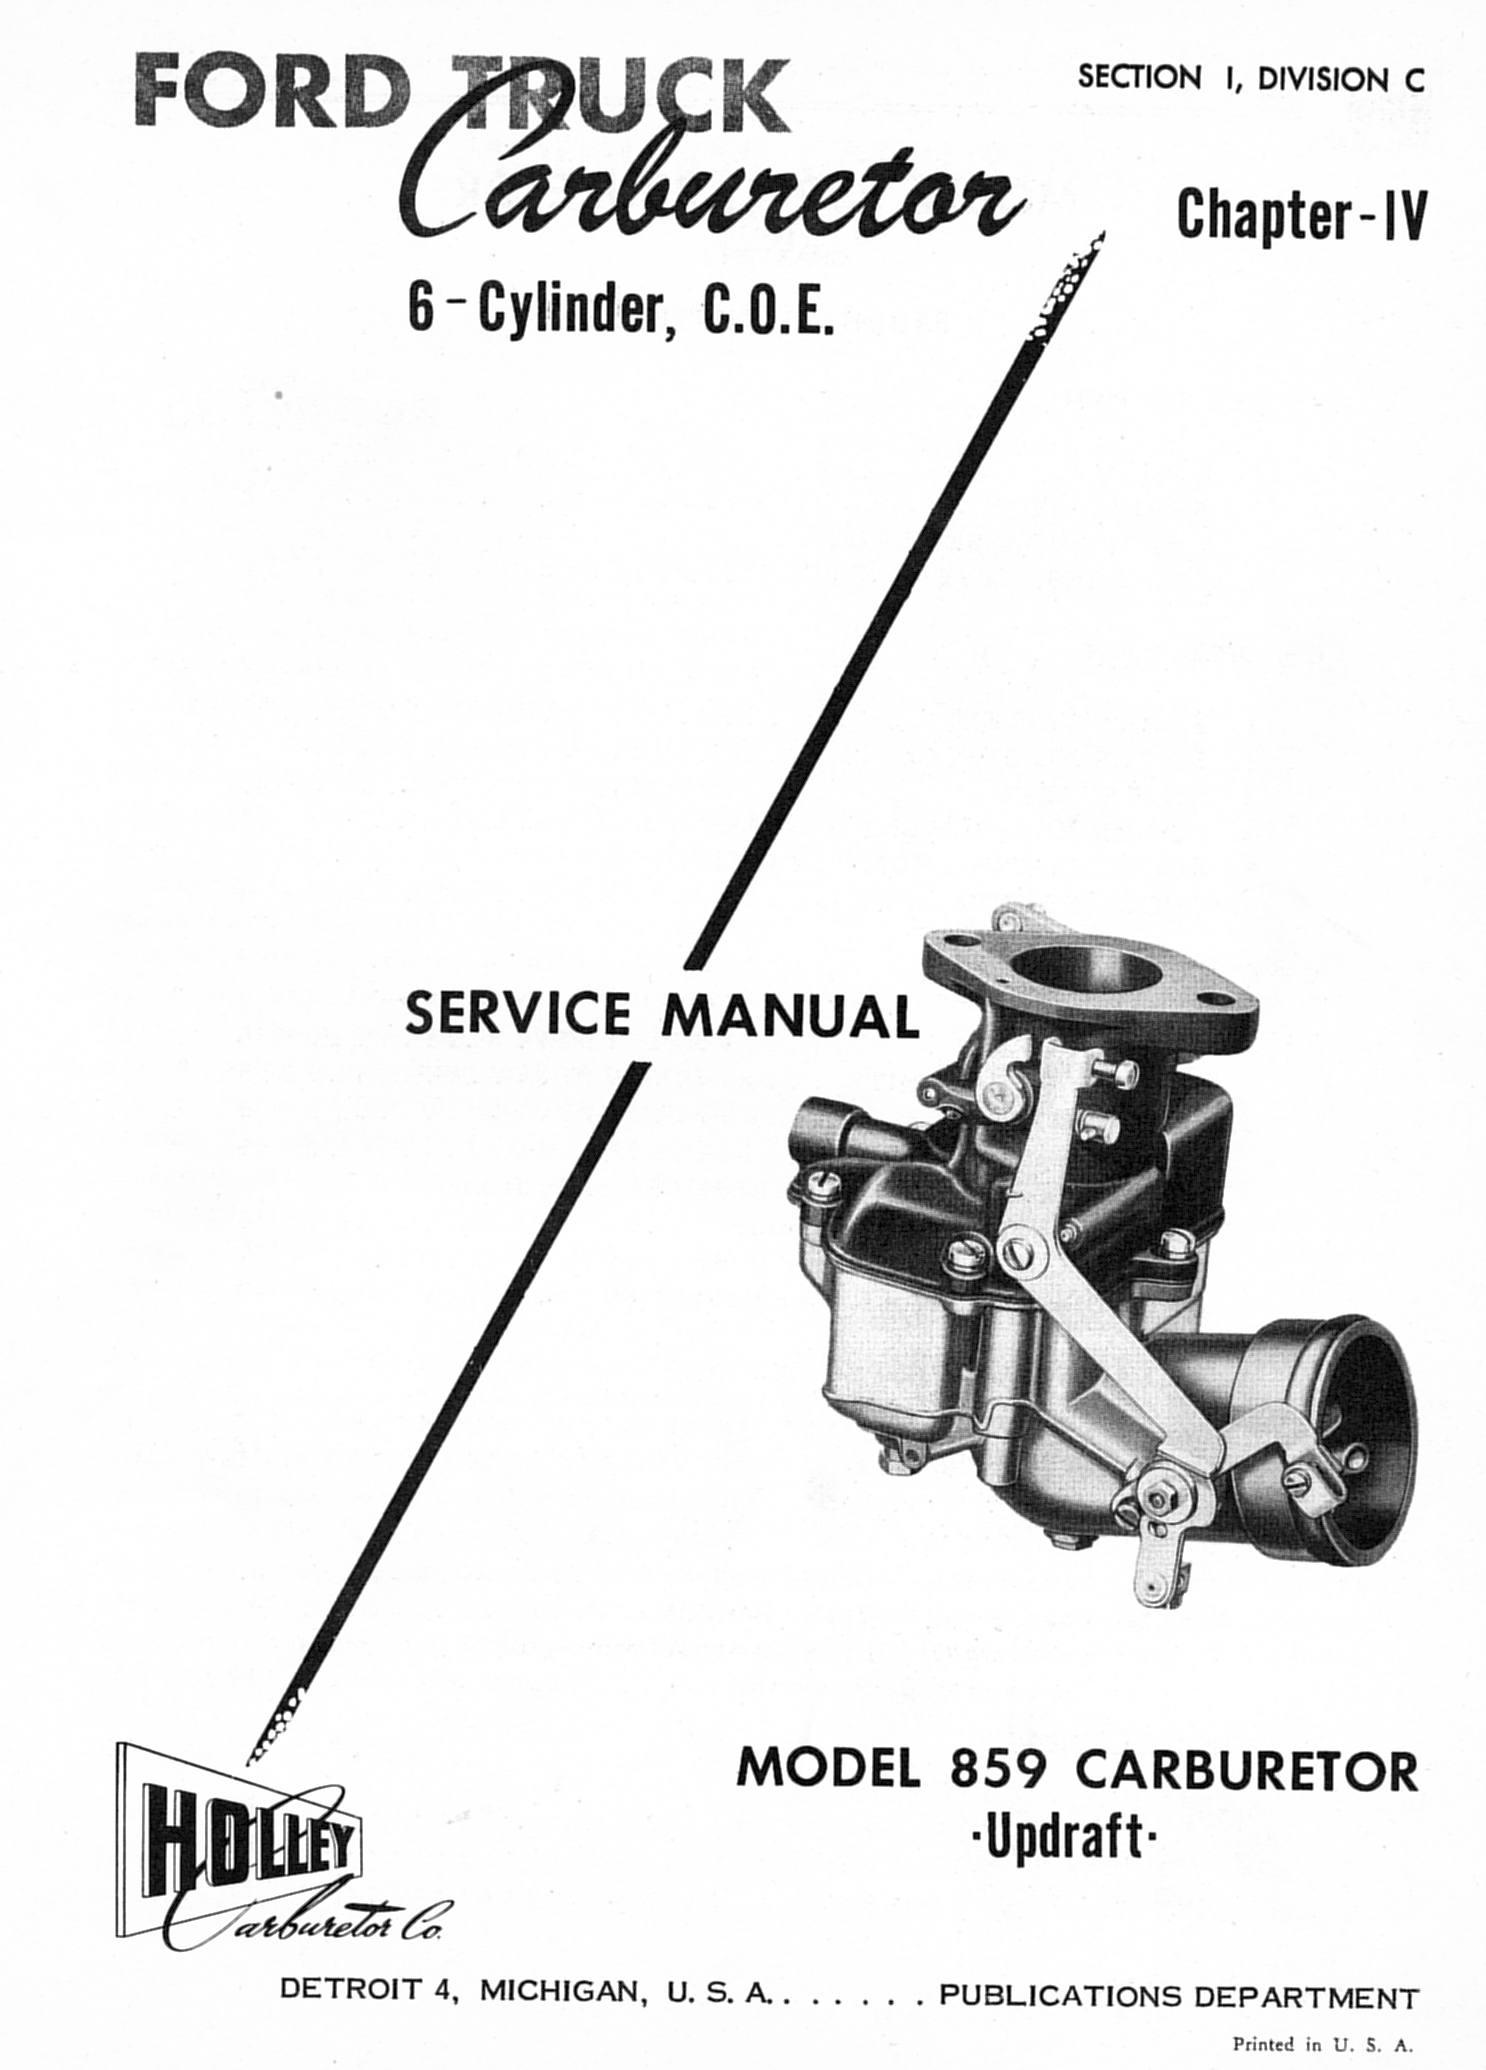 Holley 859 Carburetor Service Manual